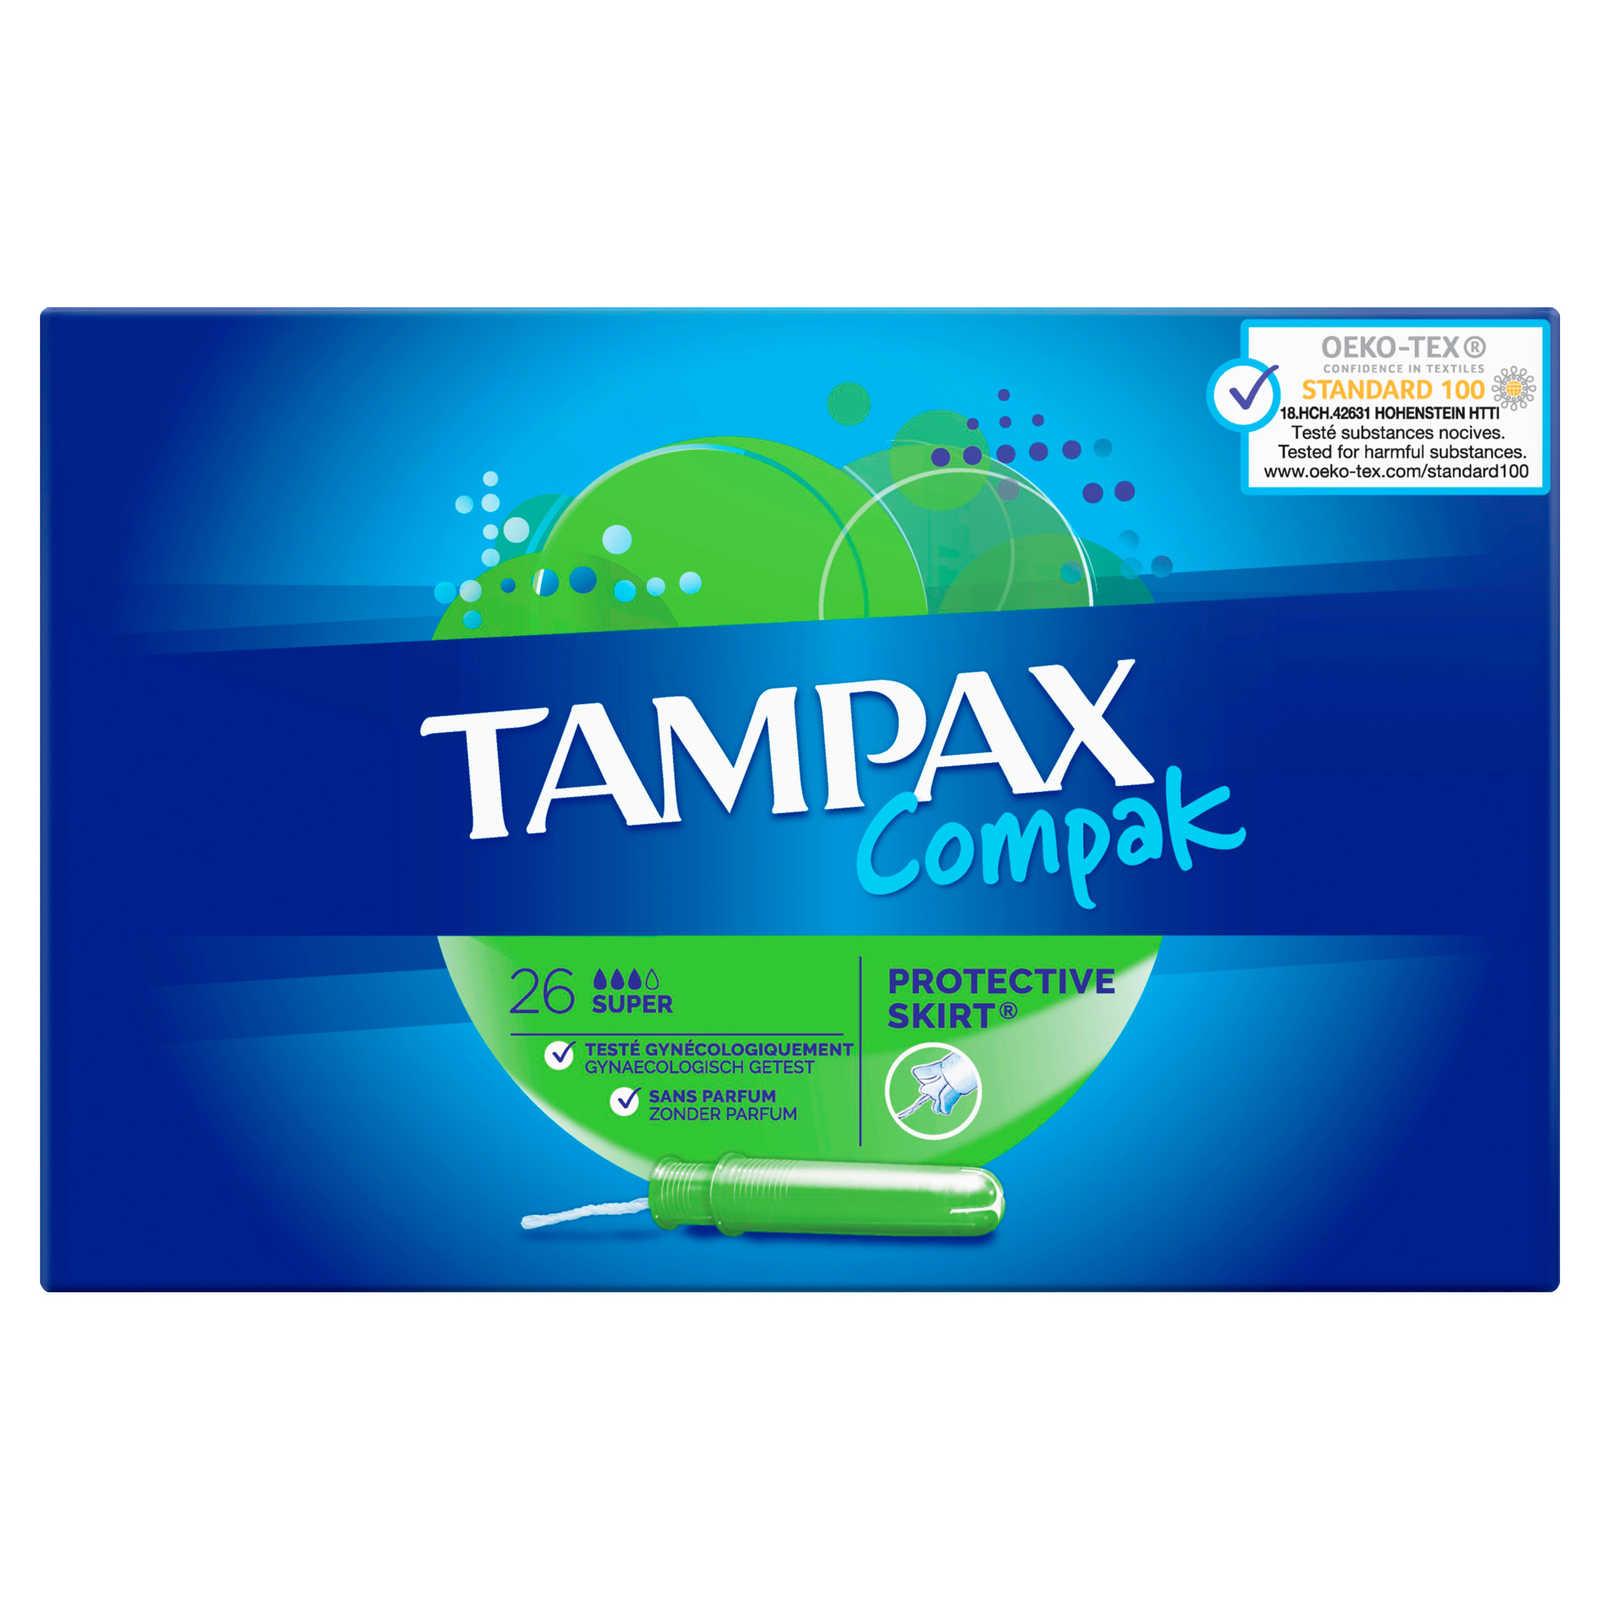 Tampax-Compak